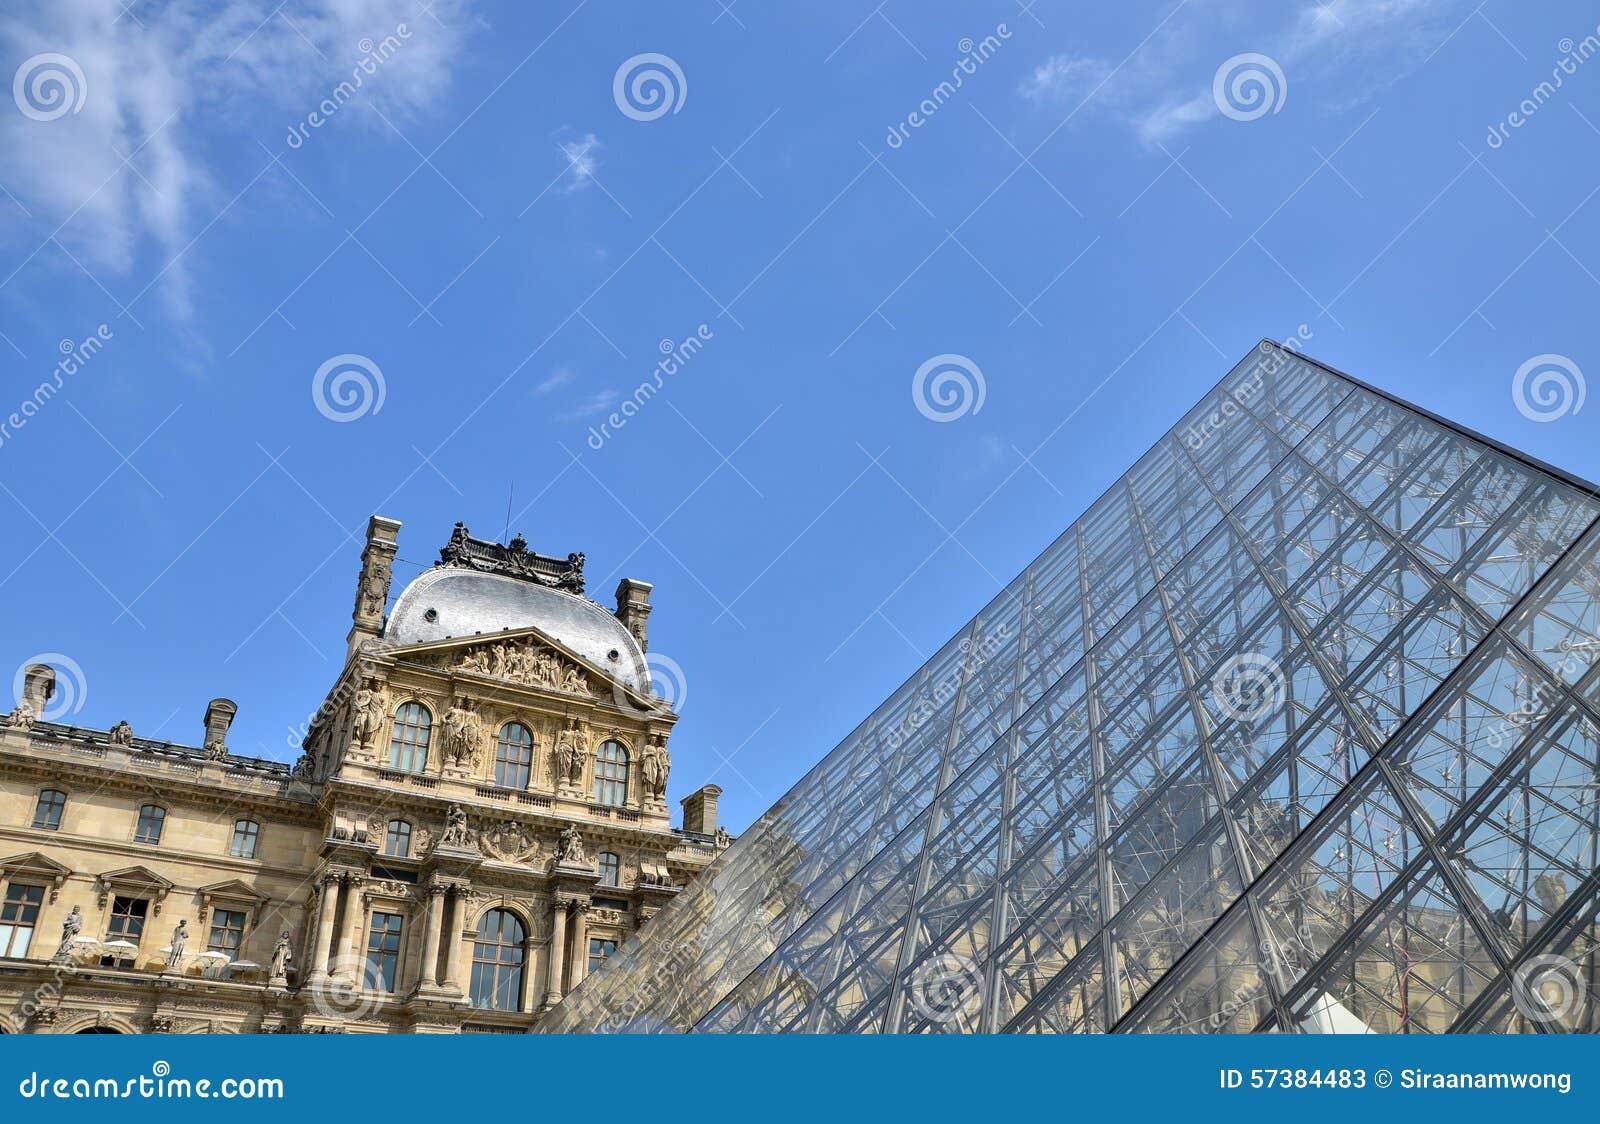 Glaspiramide bij Louvremuseum in Parijs